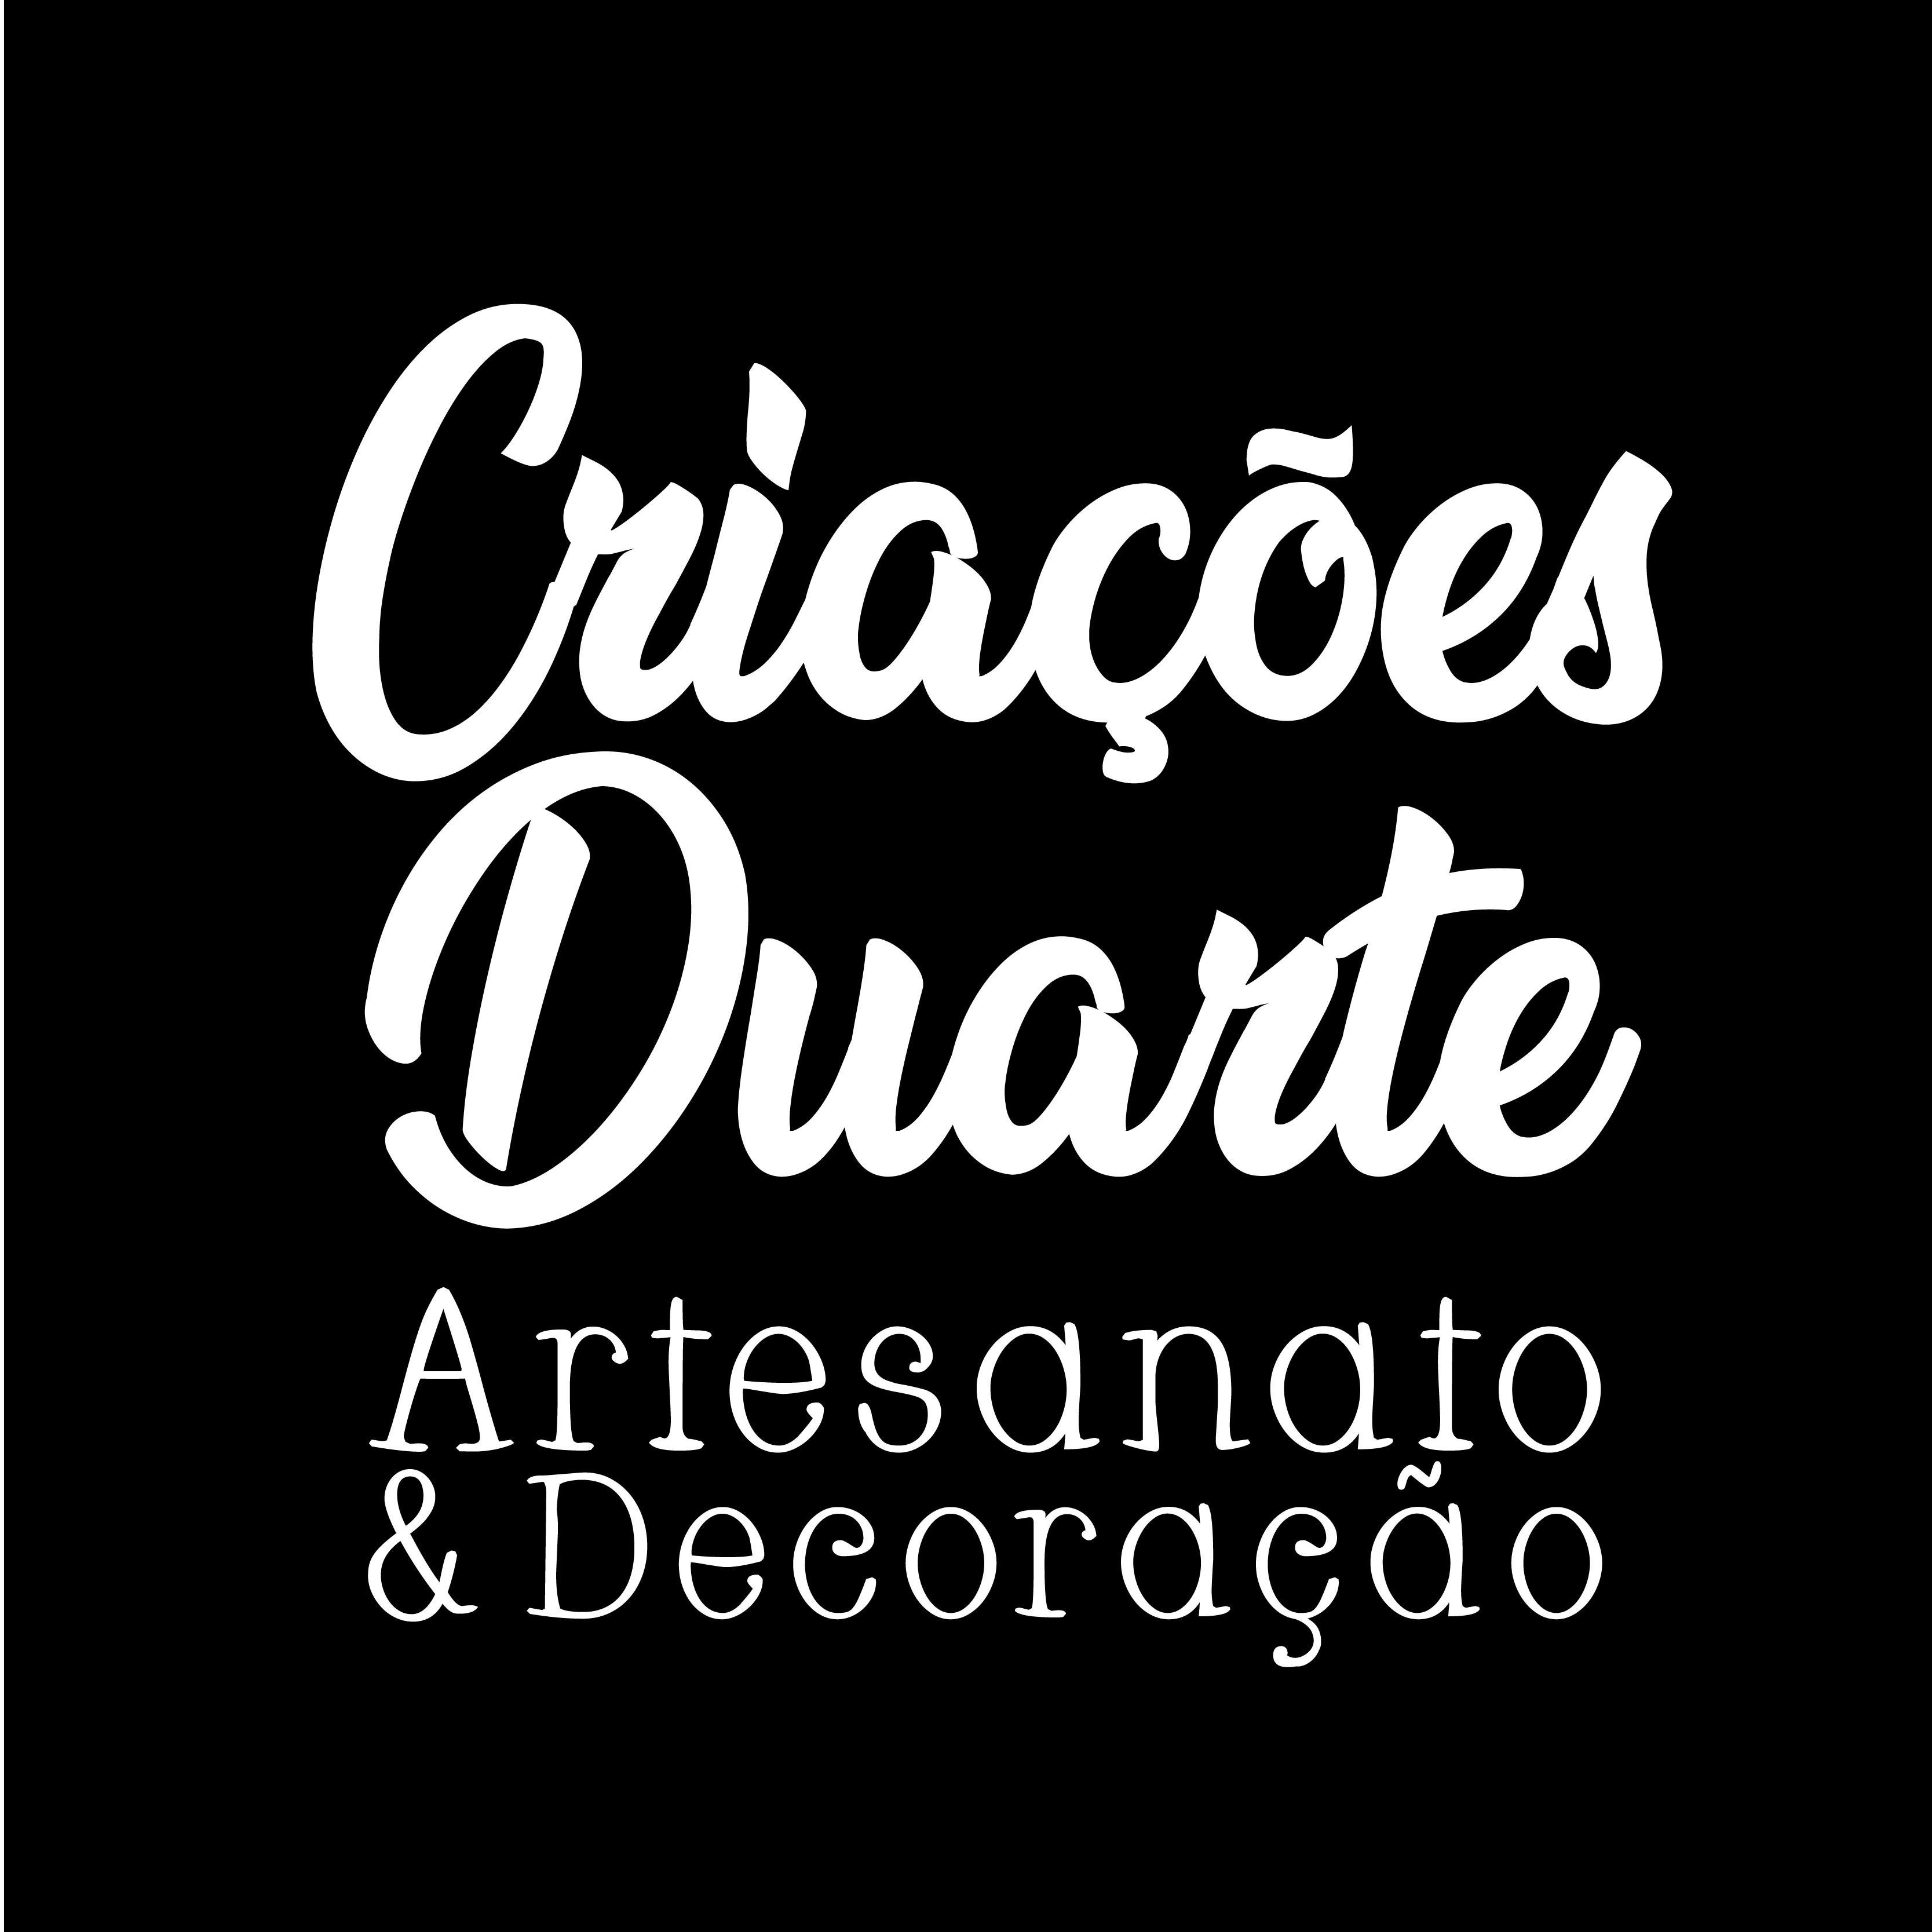 Criações Duarte-14